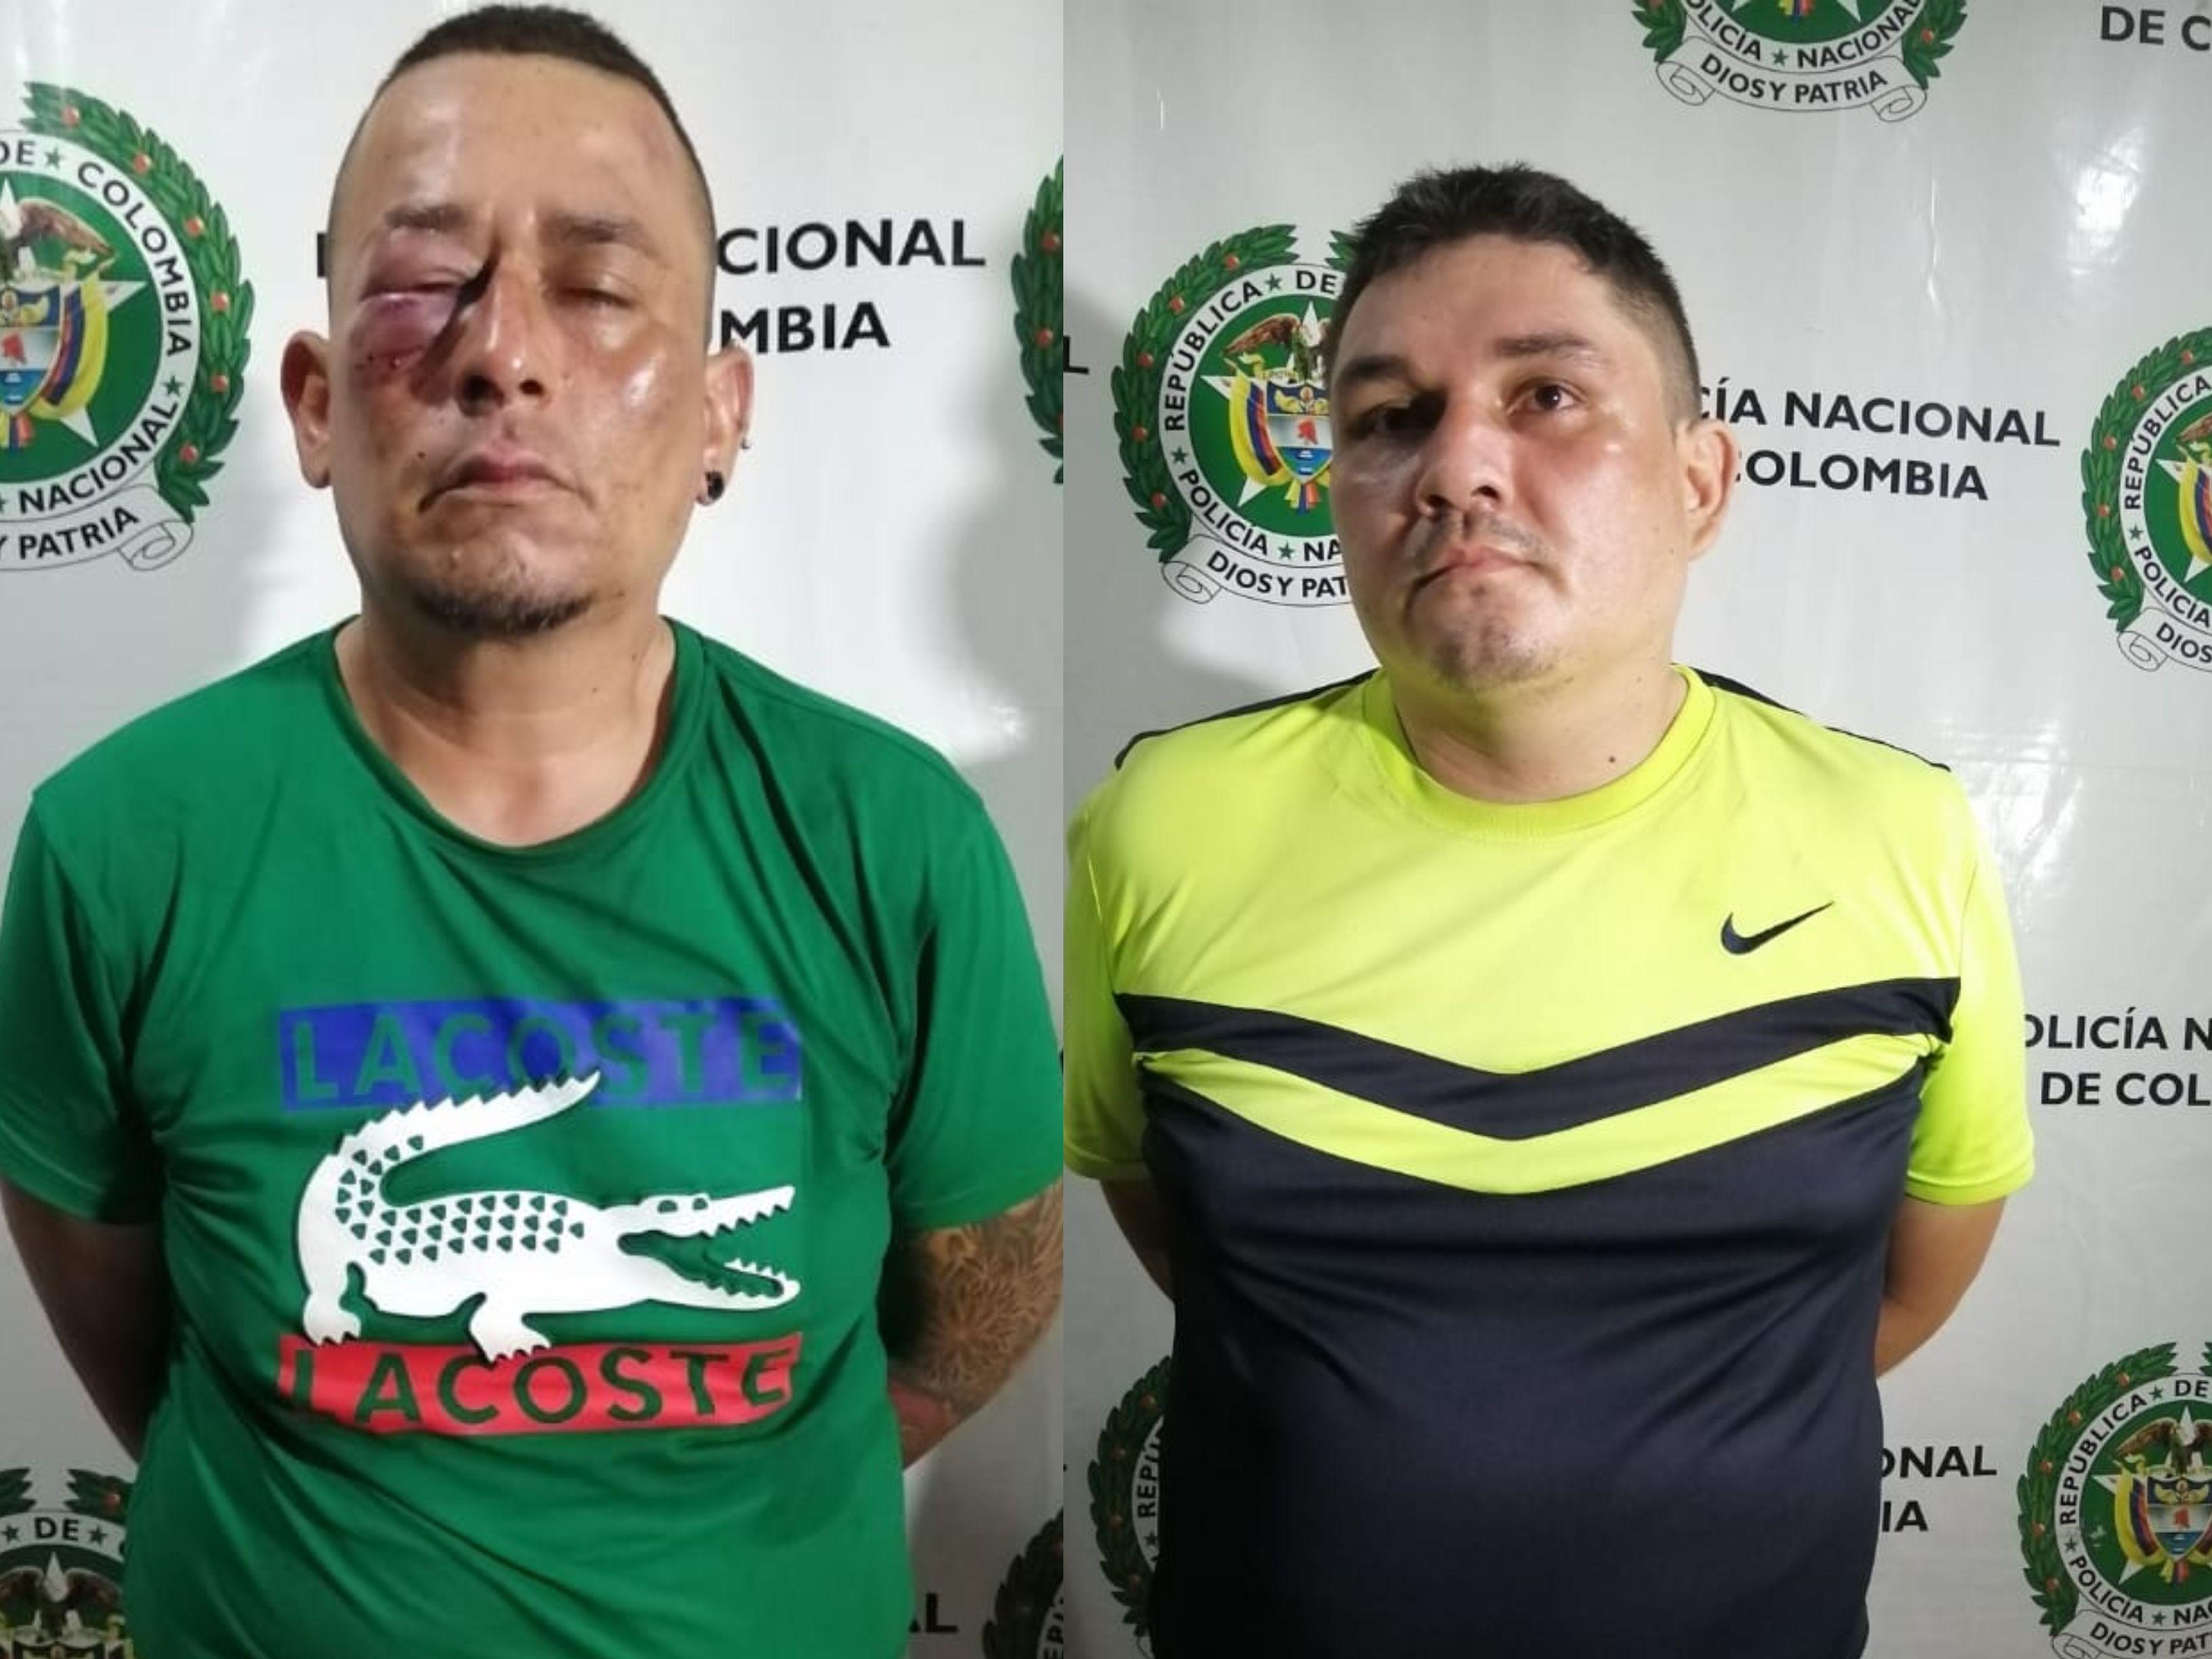 Golpeados por la comunidad presuntos delincuentes en Neiva